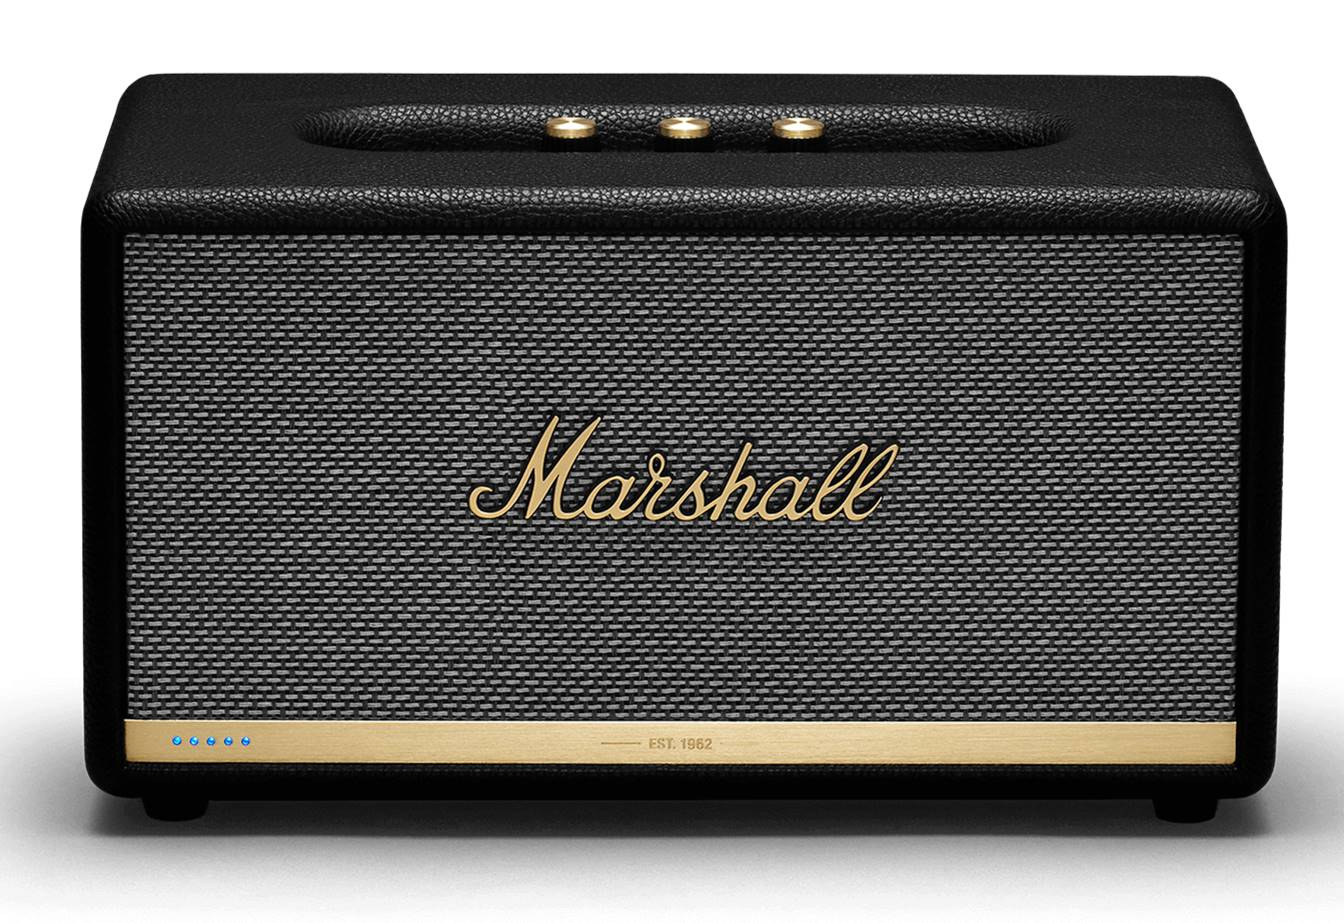 Marshall Stanmore II Multi-Room Speaker System